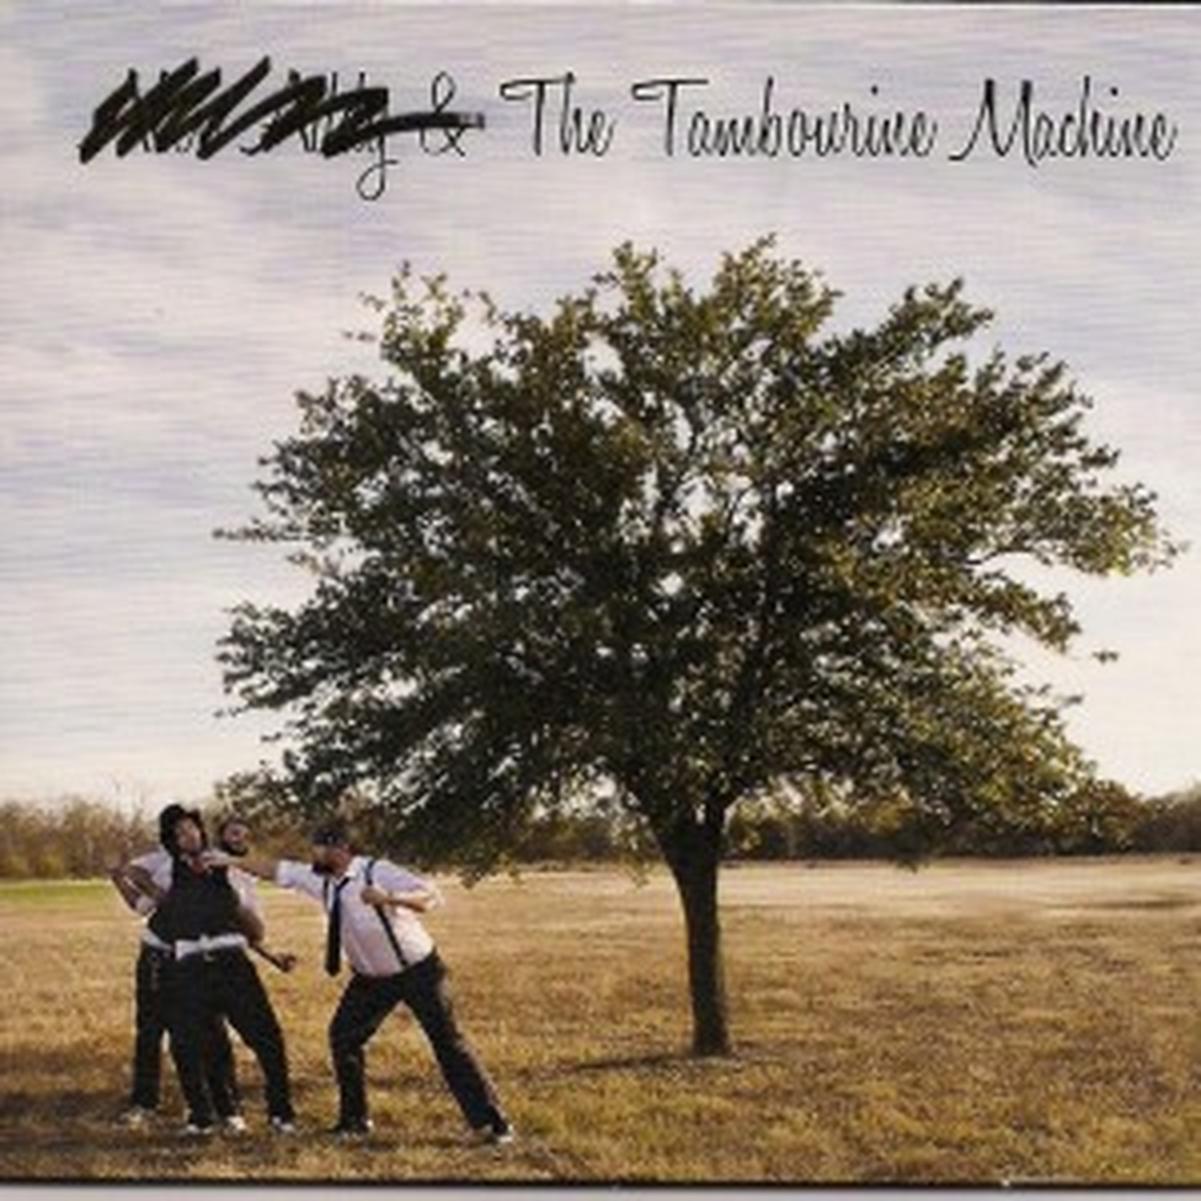 The Tambourine Machine wiki, The Tambourine Machine review, The Tambourine Machine history, The Tambourine Machine news